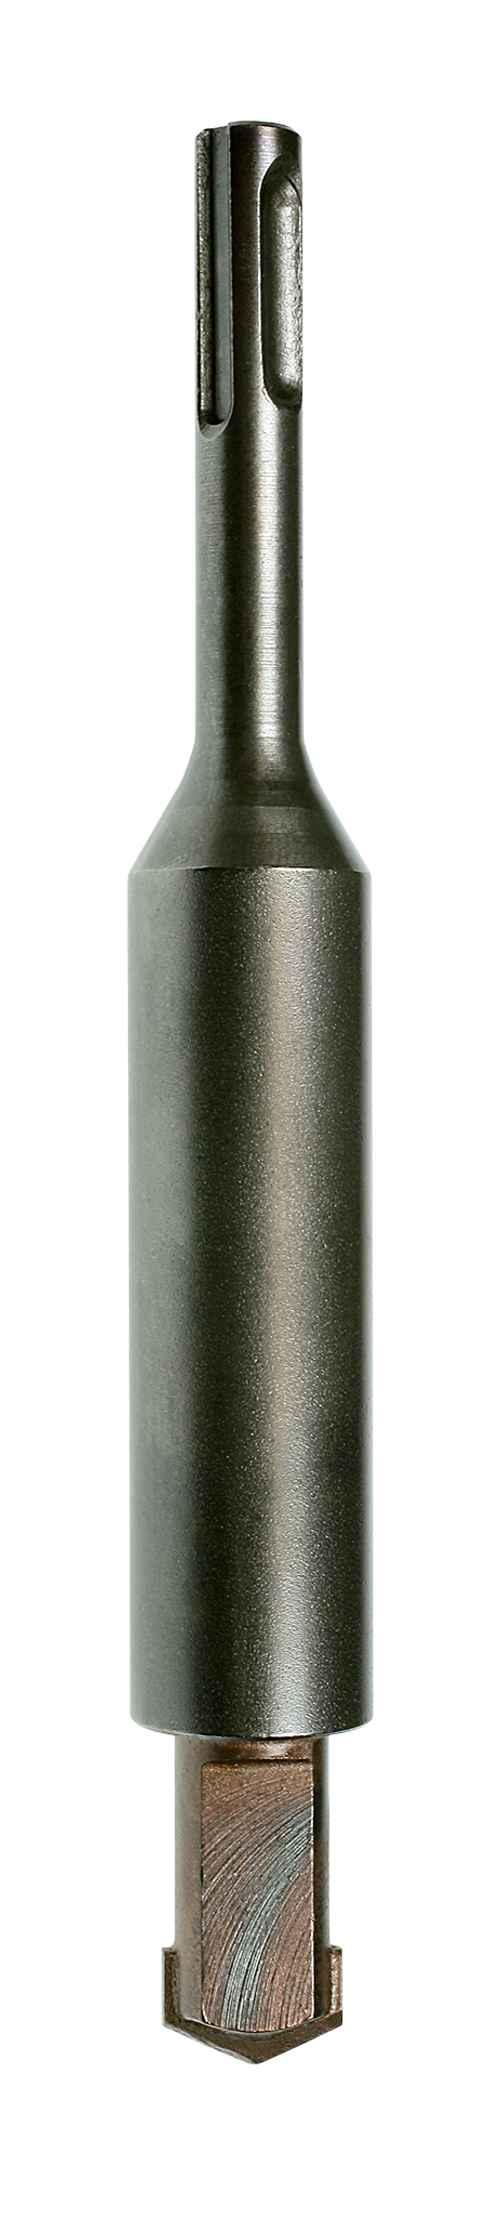 SDS-plus® Fixed-Depth Drill Bit